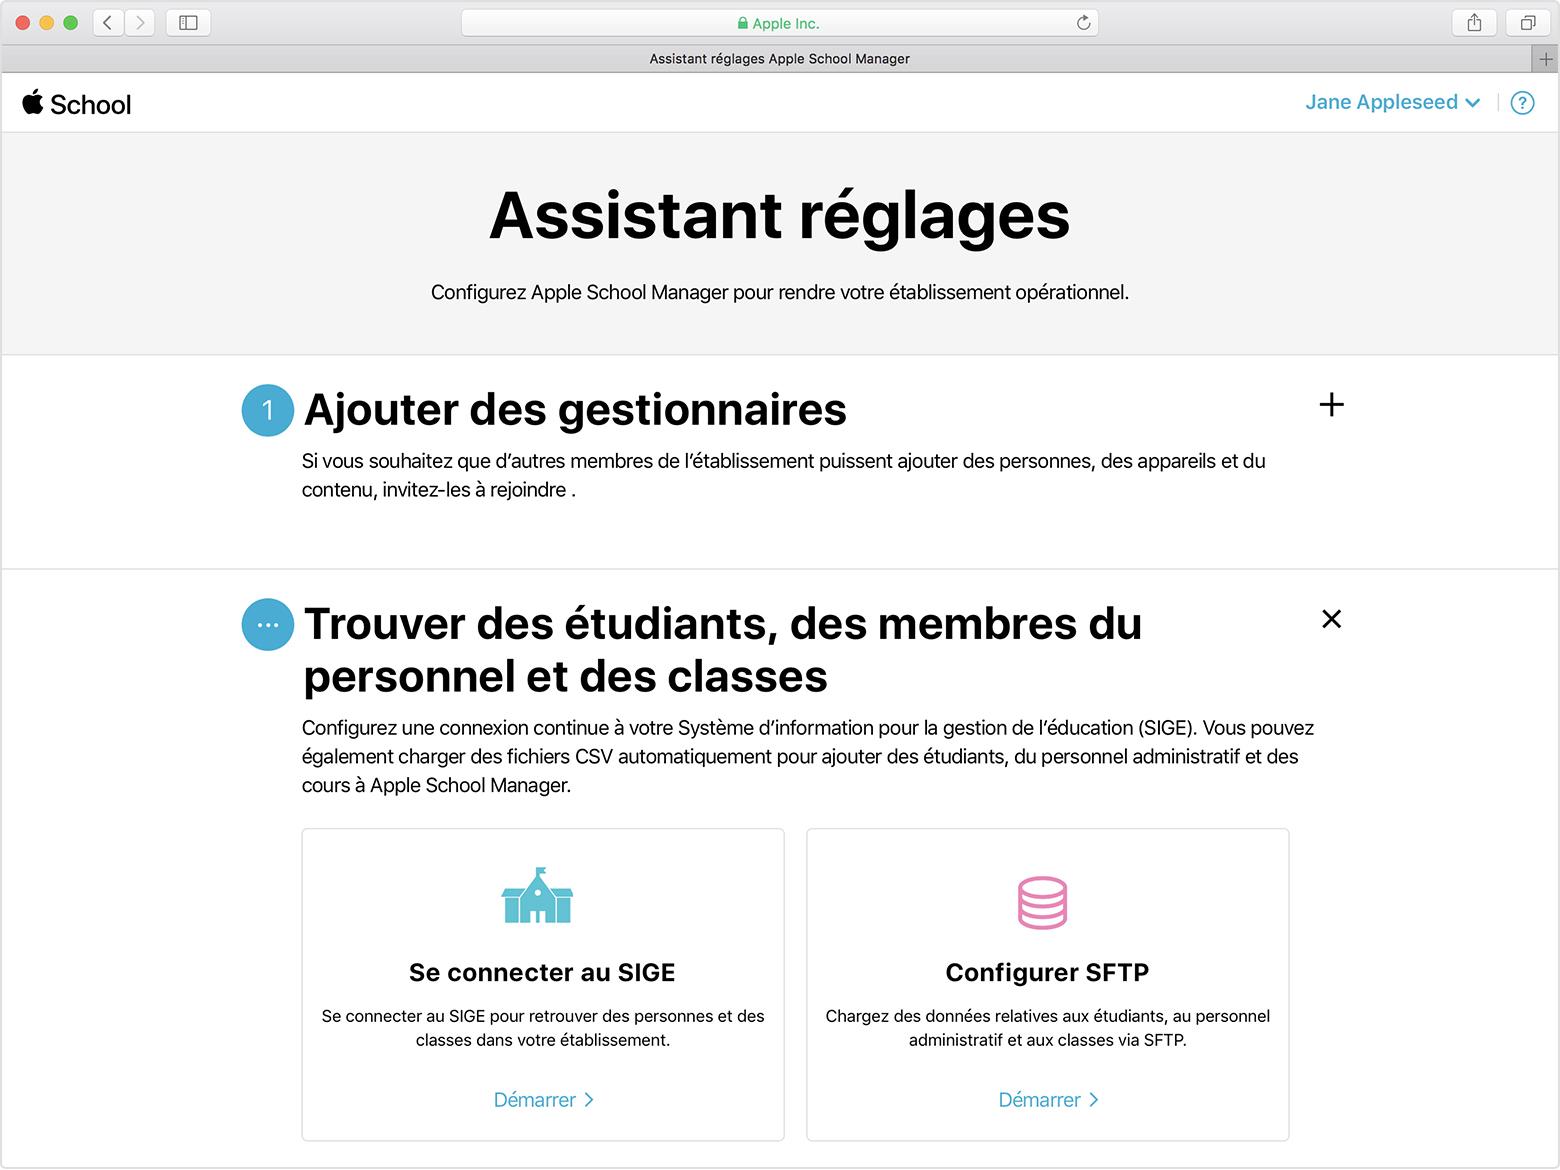 Utilisation De Sftp Pour Charger Les Donnees Des Etudiants Du